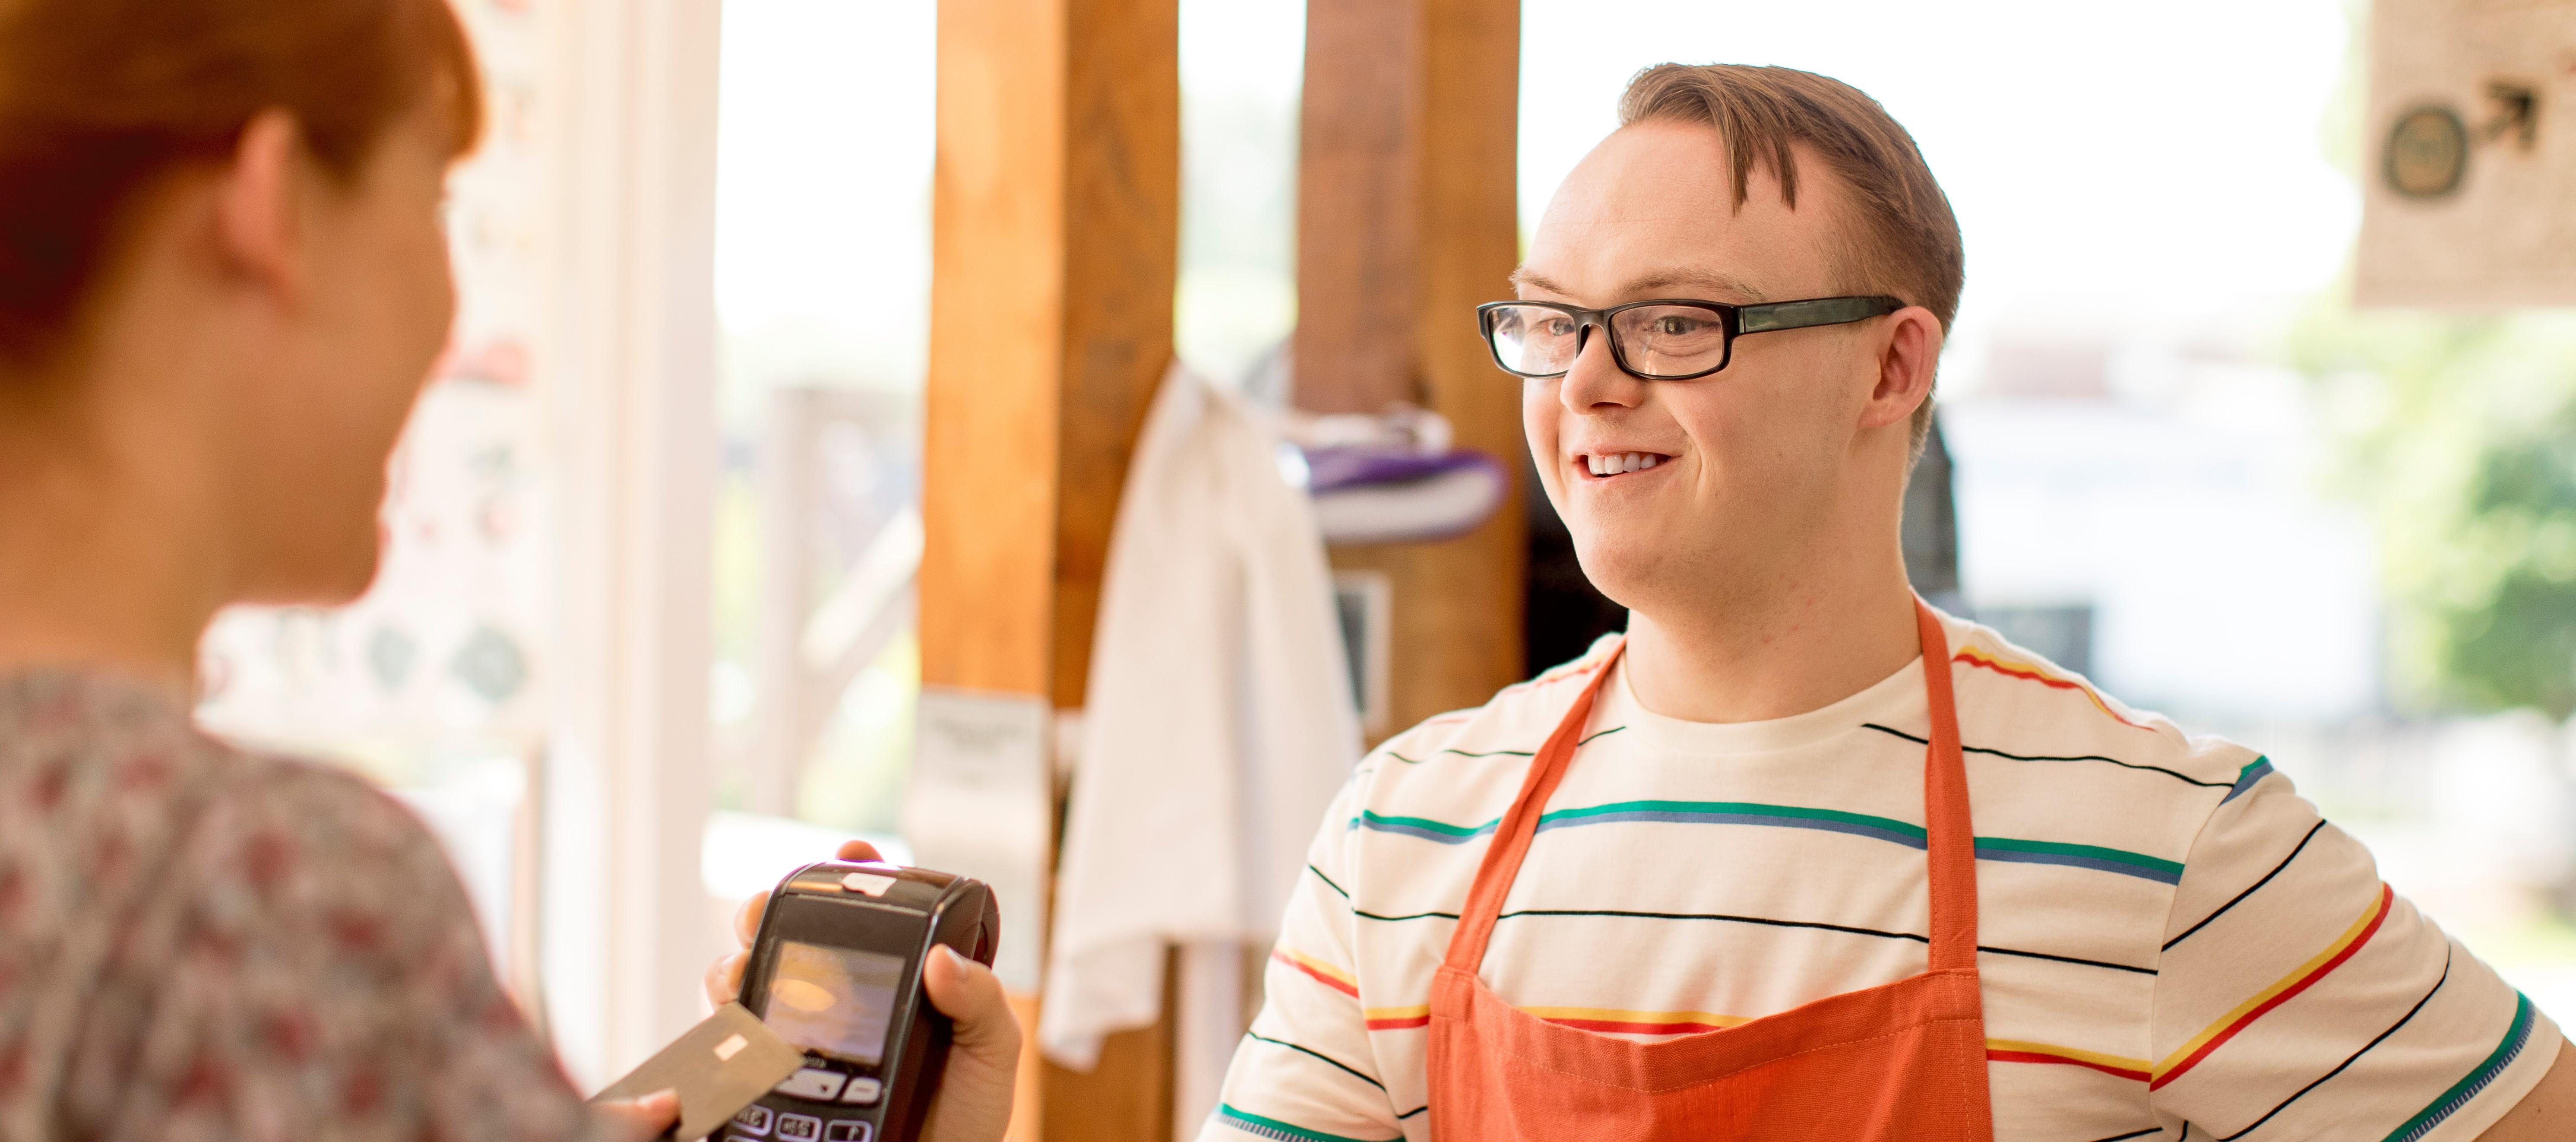 Selbstbestimmt leben mit Behinderung!